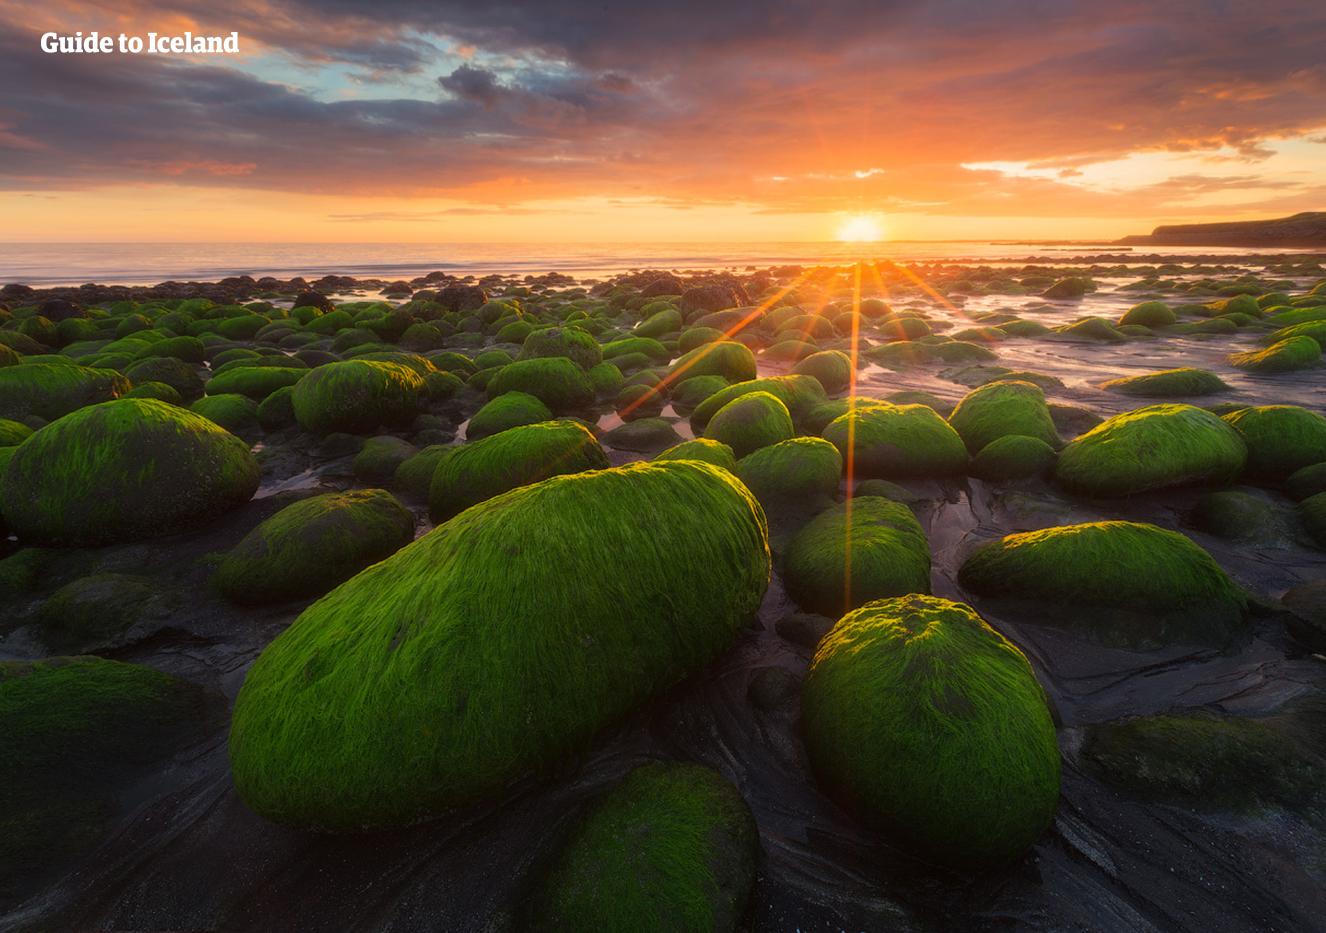 Półwysep Reykjanes słynie z oszałamiającej przyrody.